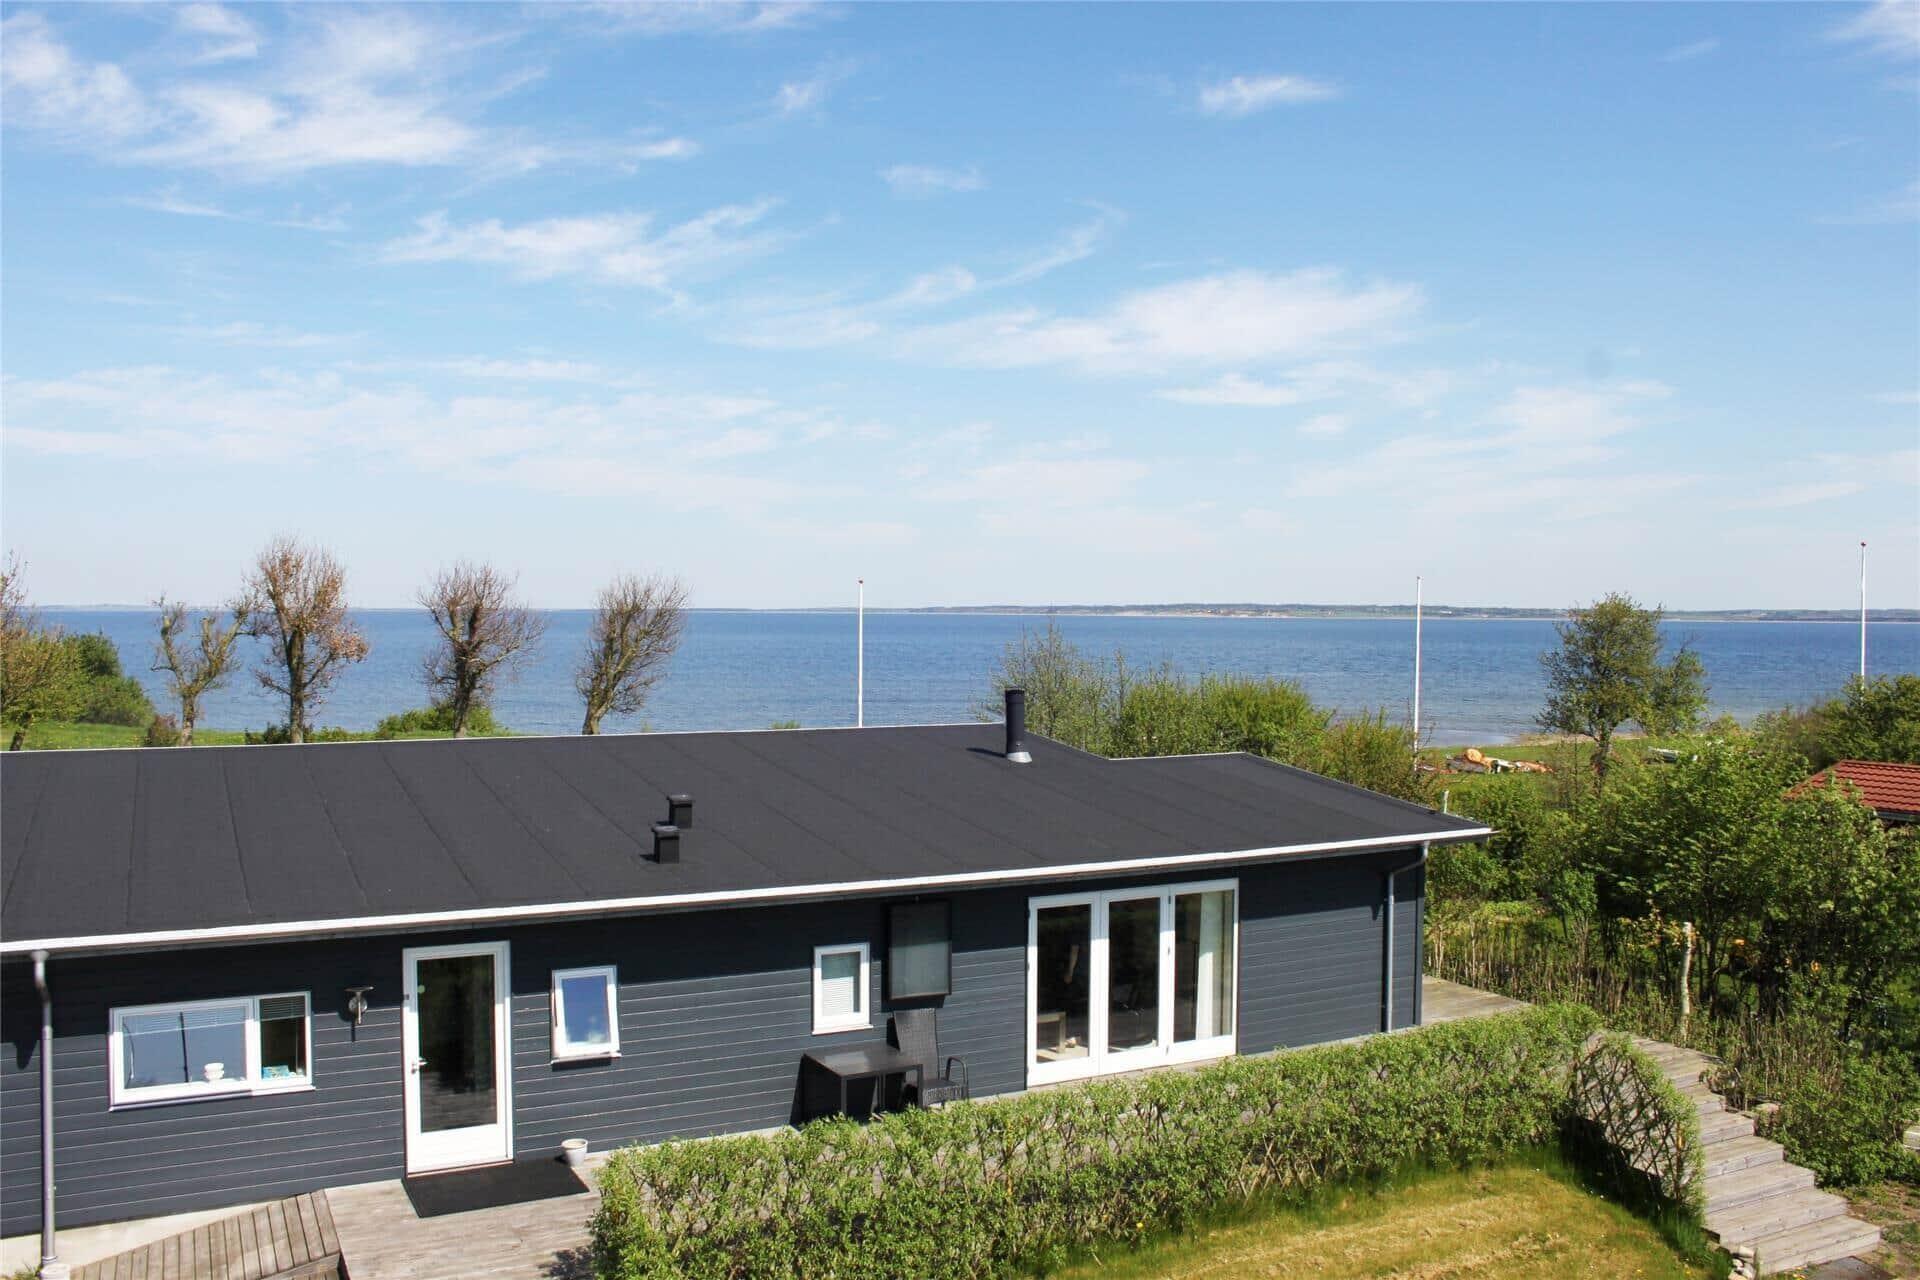 Bilde 1-3 Feirehus L14038, Stranddalen 119, DK - 7870 Roslev